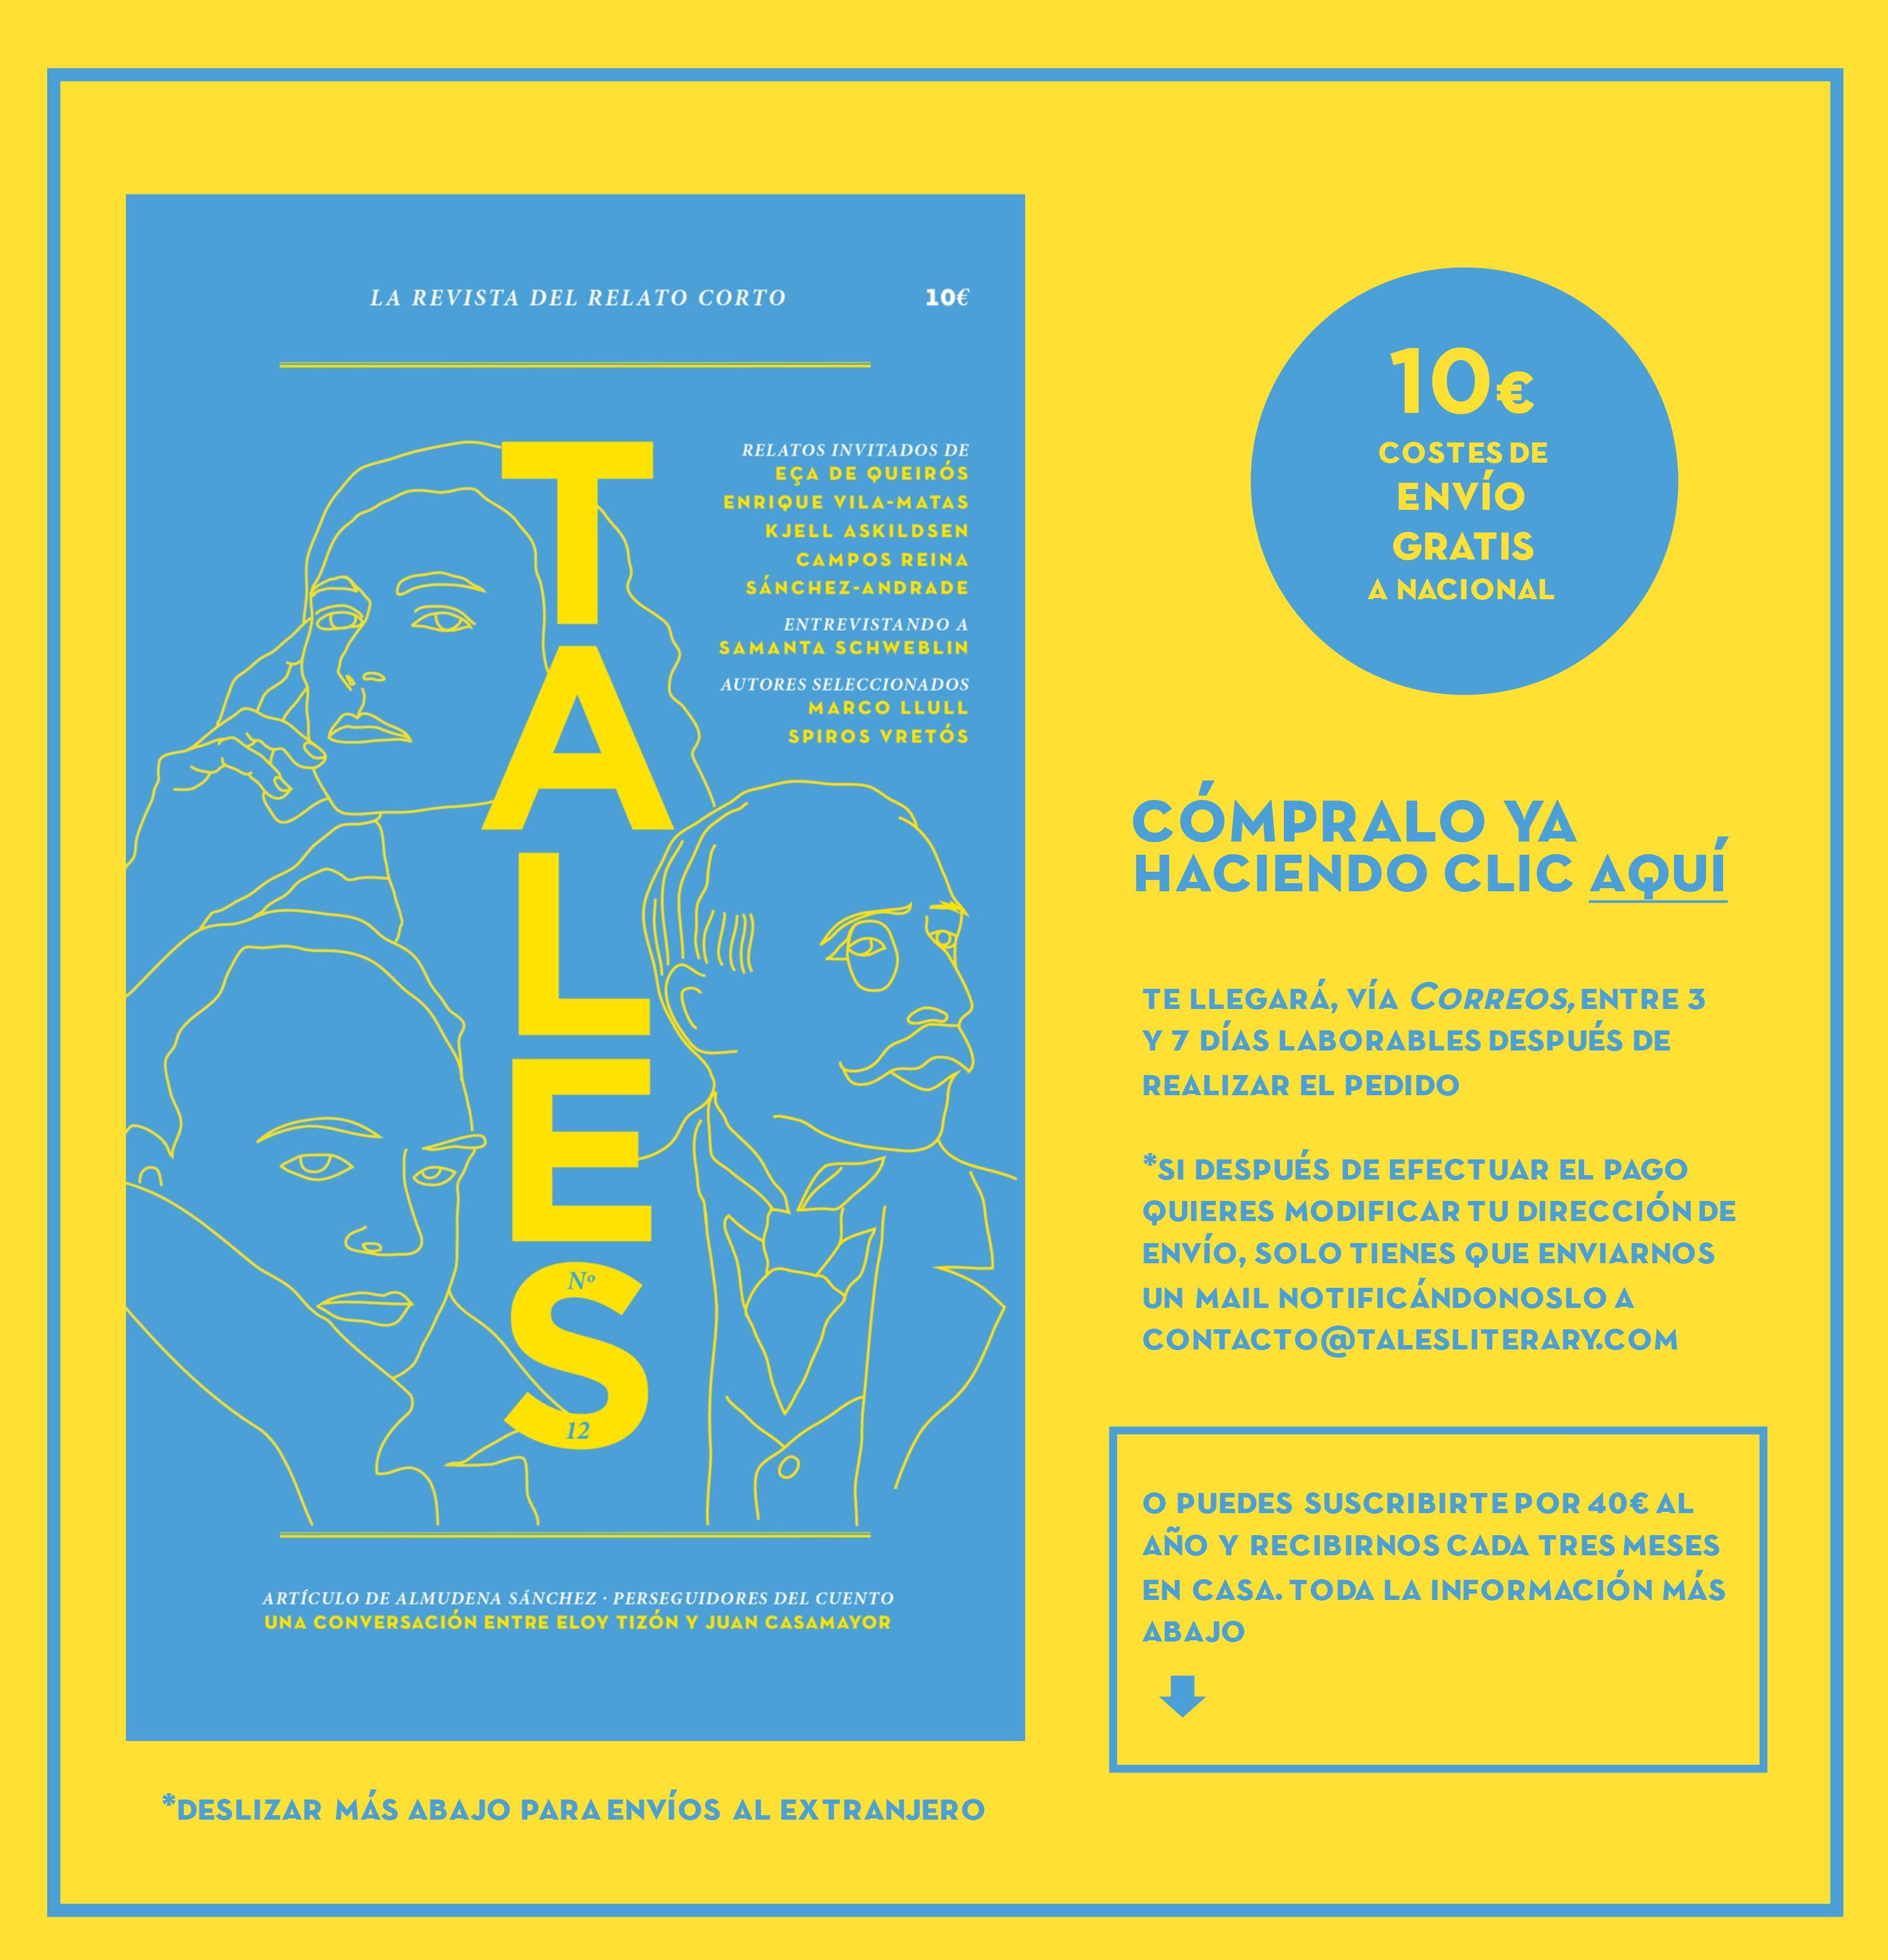 TALES. Revista literaria de cuentos - Enrique Vila-Matas, Kjell Askildsen, Eça de Queirós, Sánchez-Andrade, Samanta Schweblin, Almudena Sánchez y Eloy Tizón. Publicar relatos en TALES